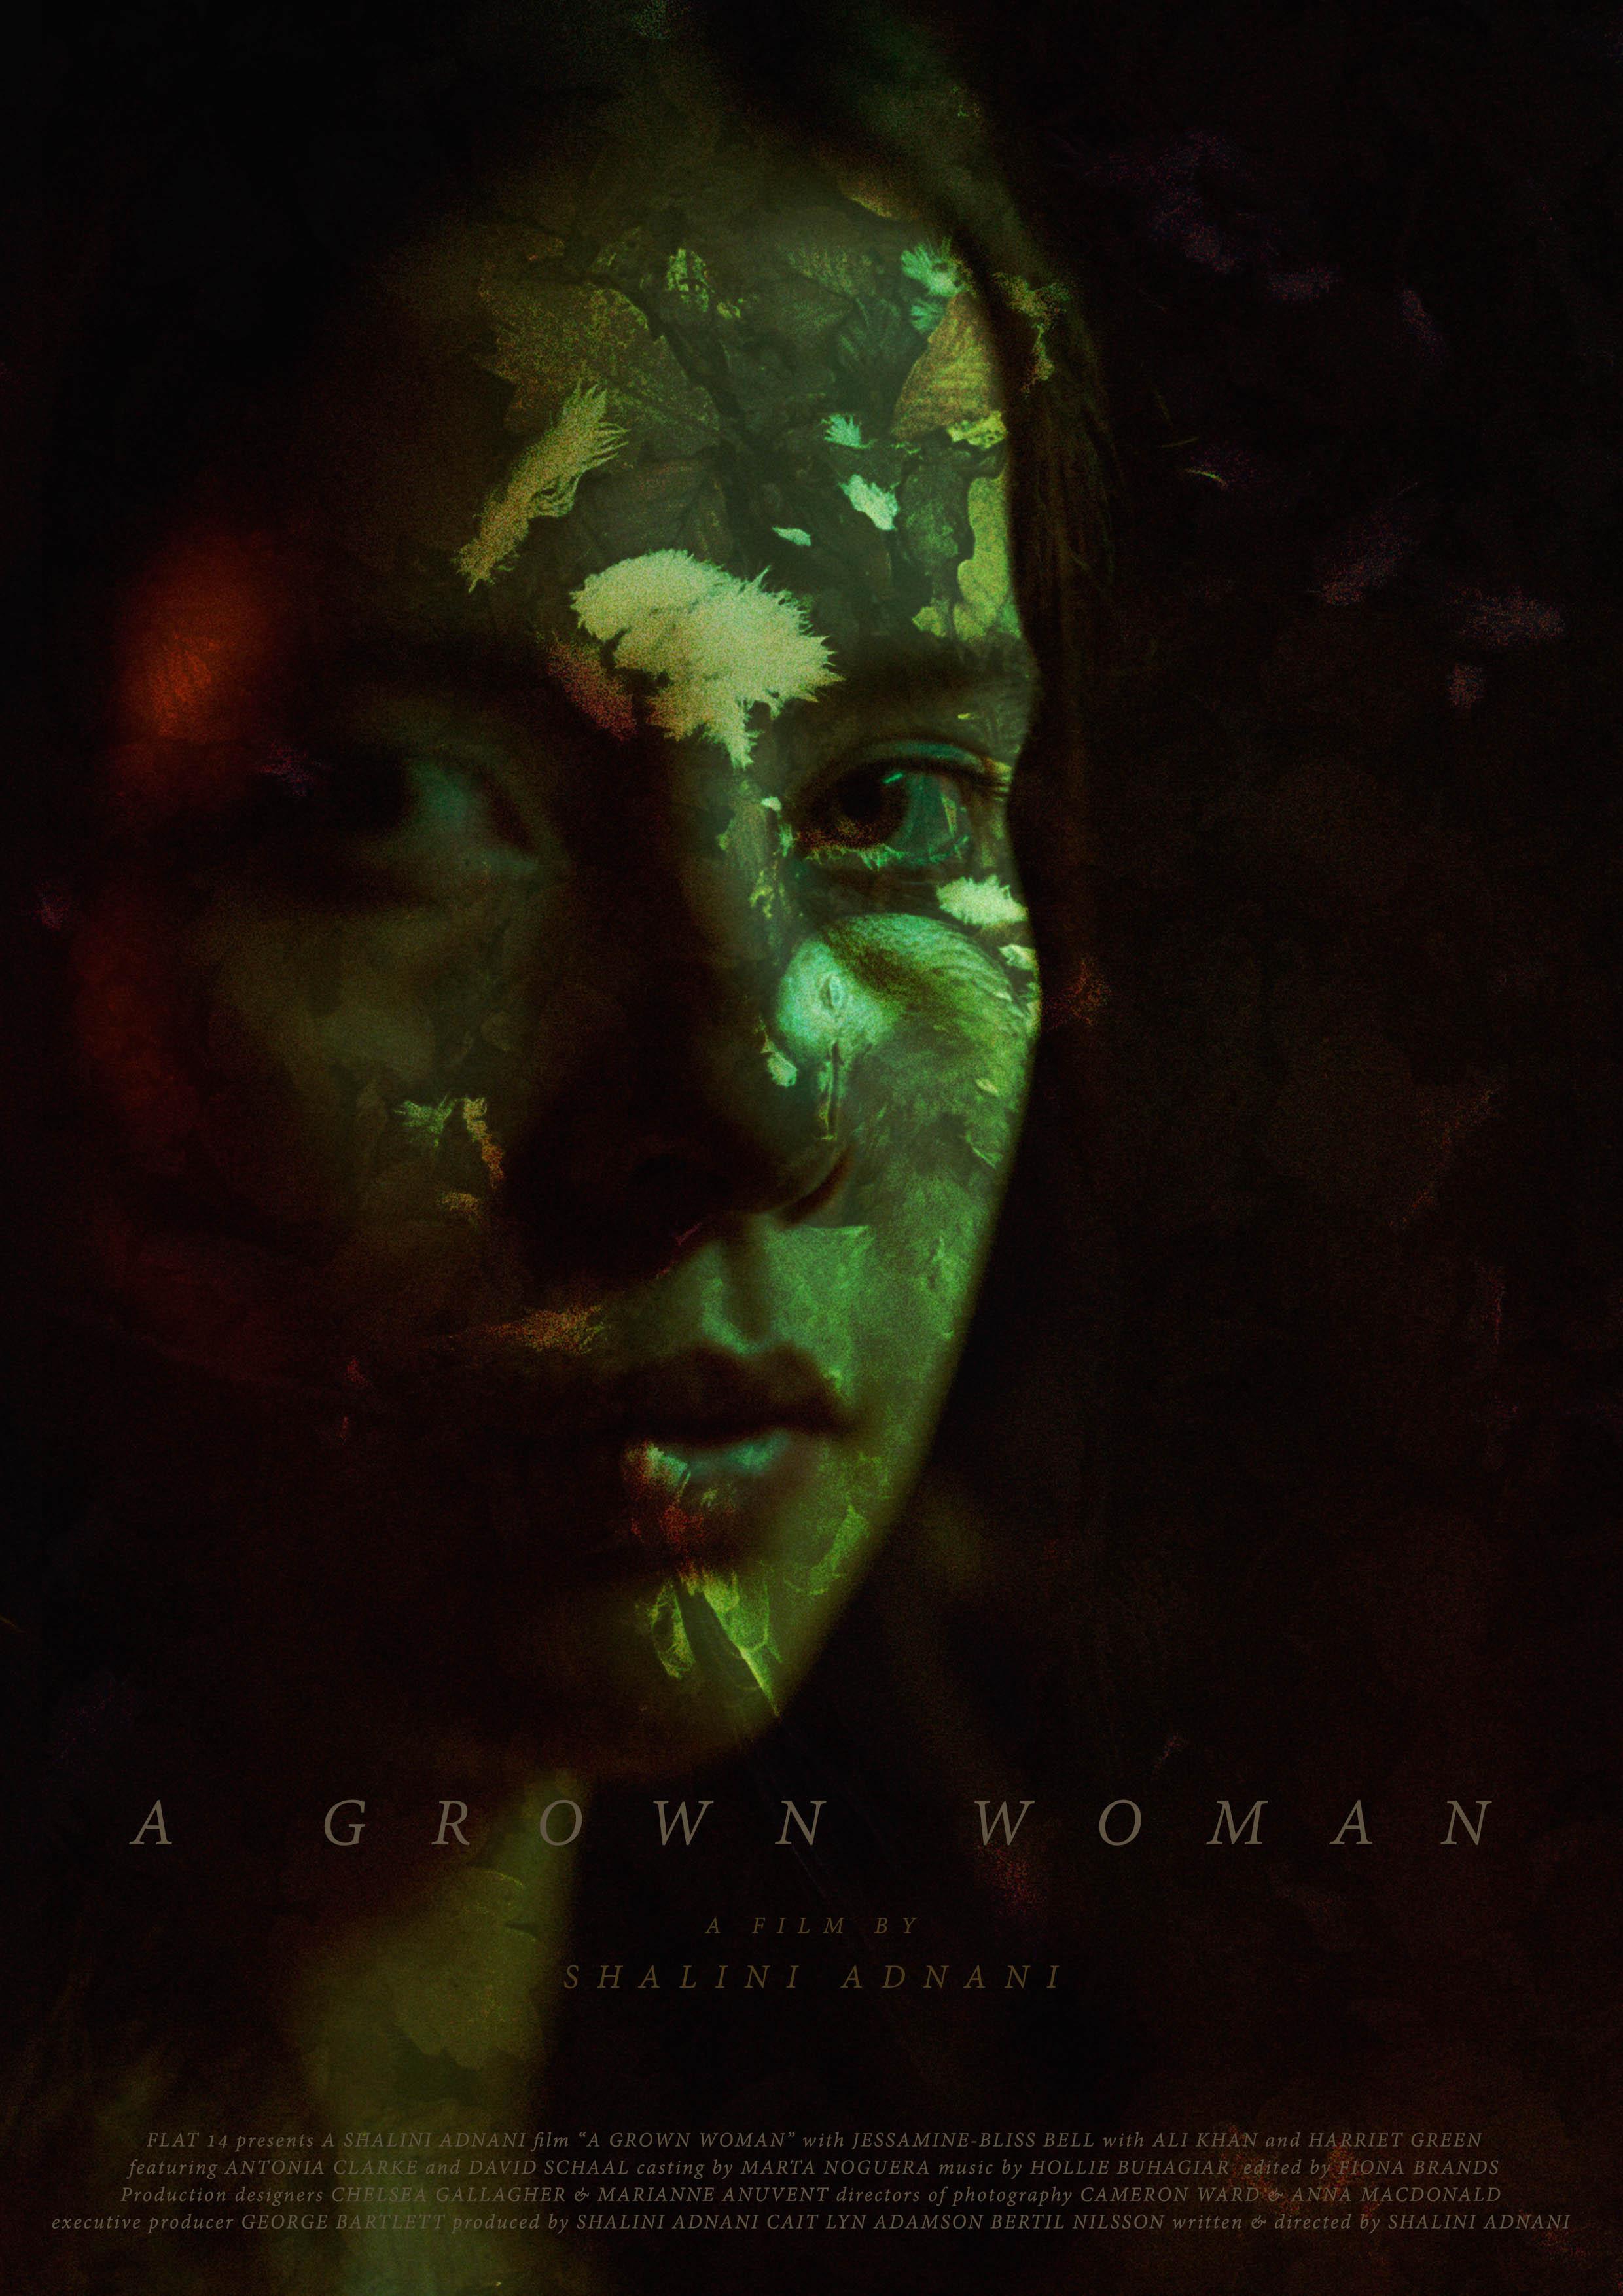 A Grown Woman